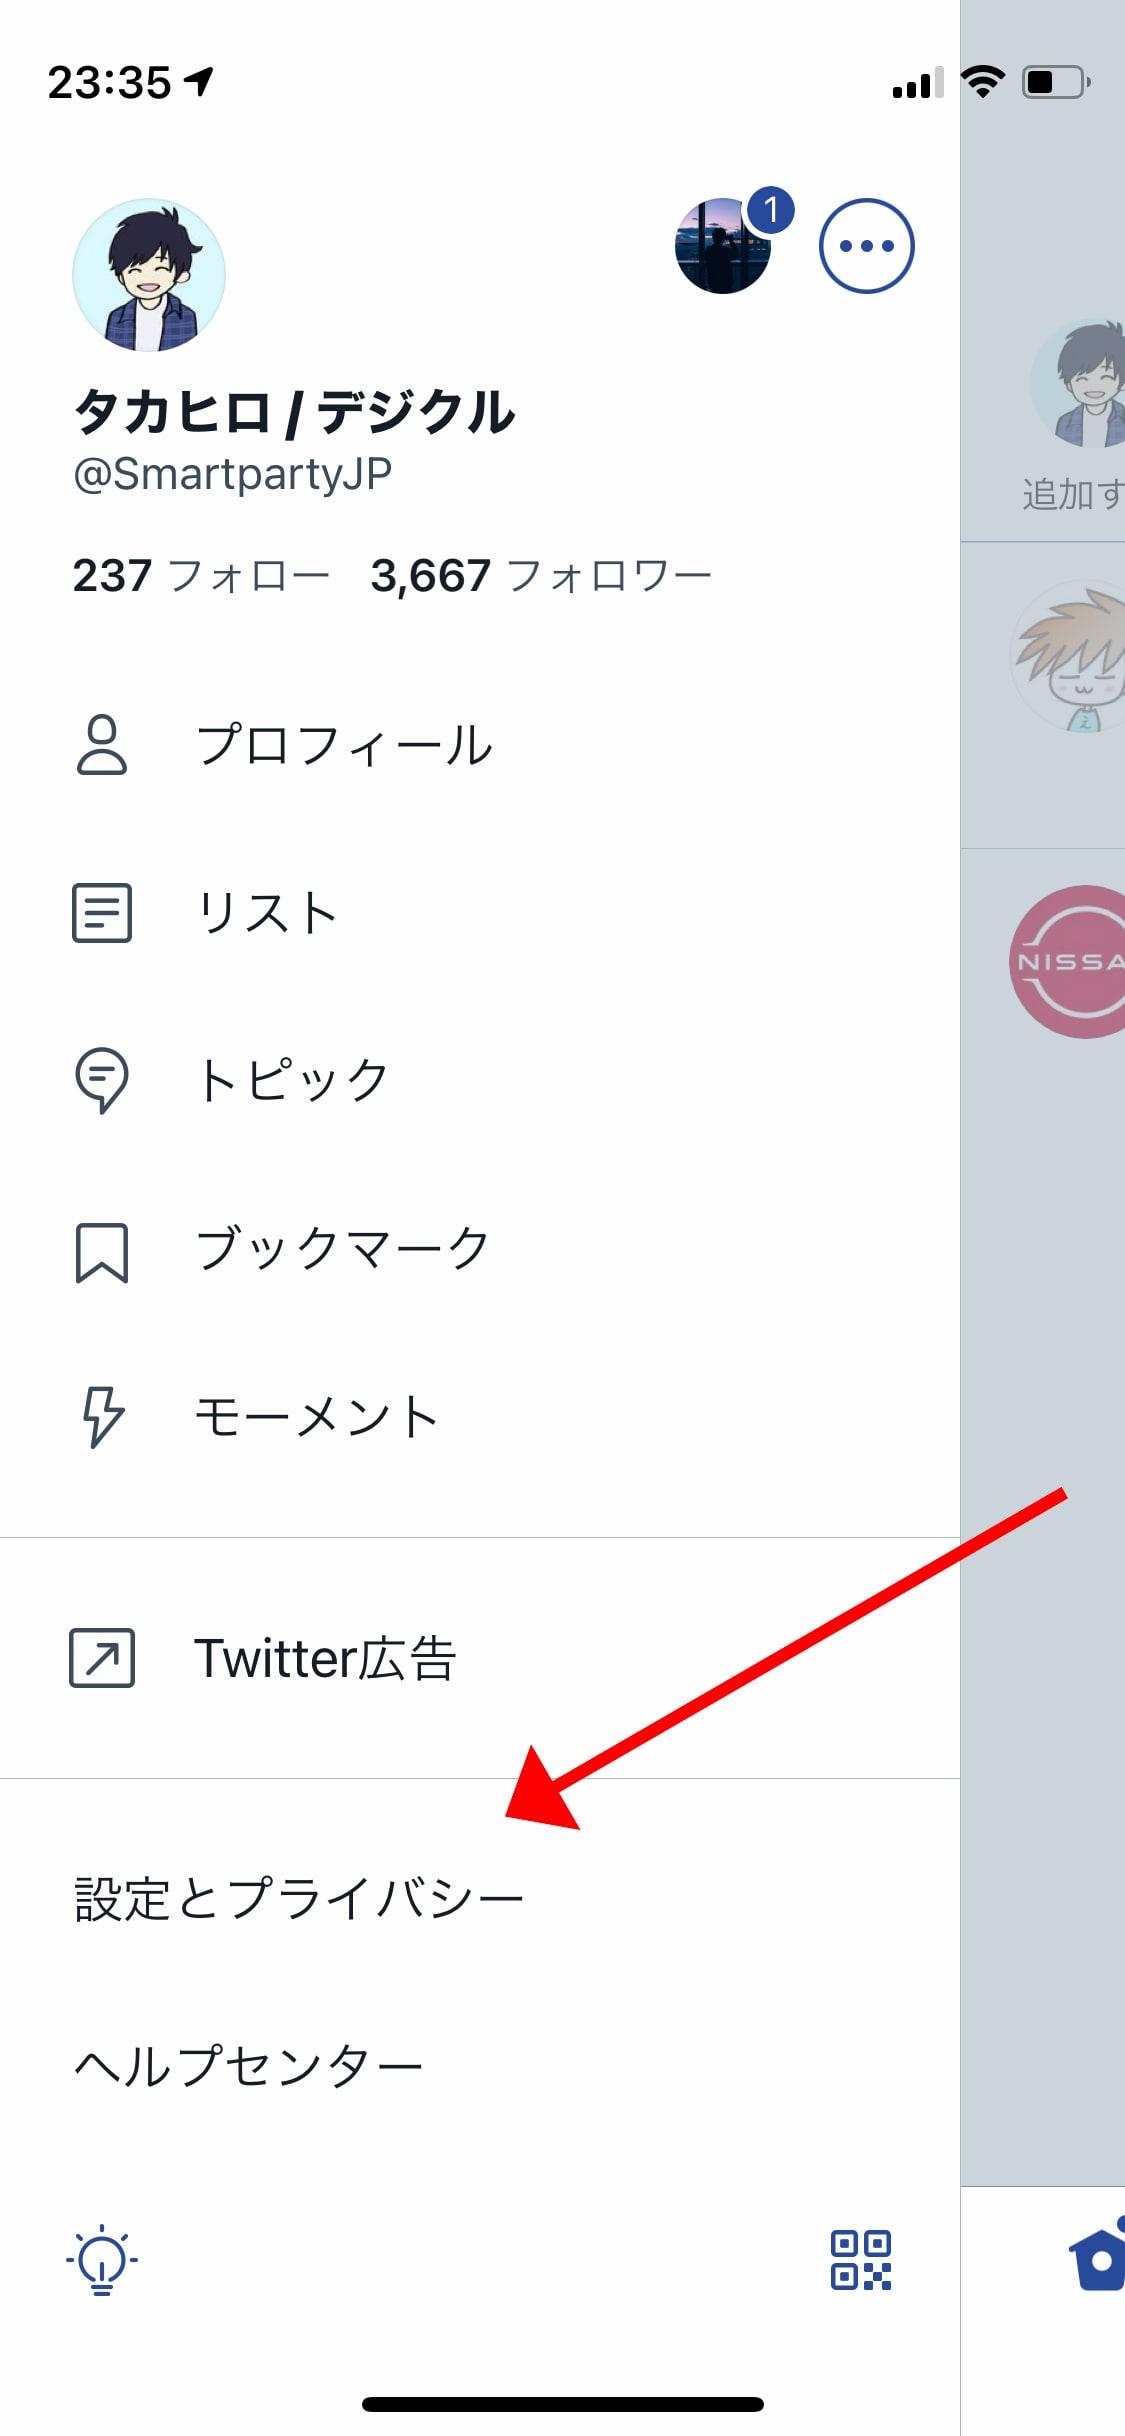 Twitterの動画自動再生をストップしてiPhoneのパケット通信を節約する方法